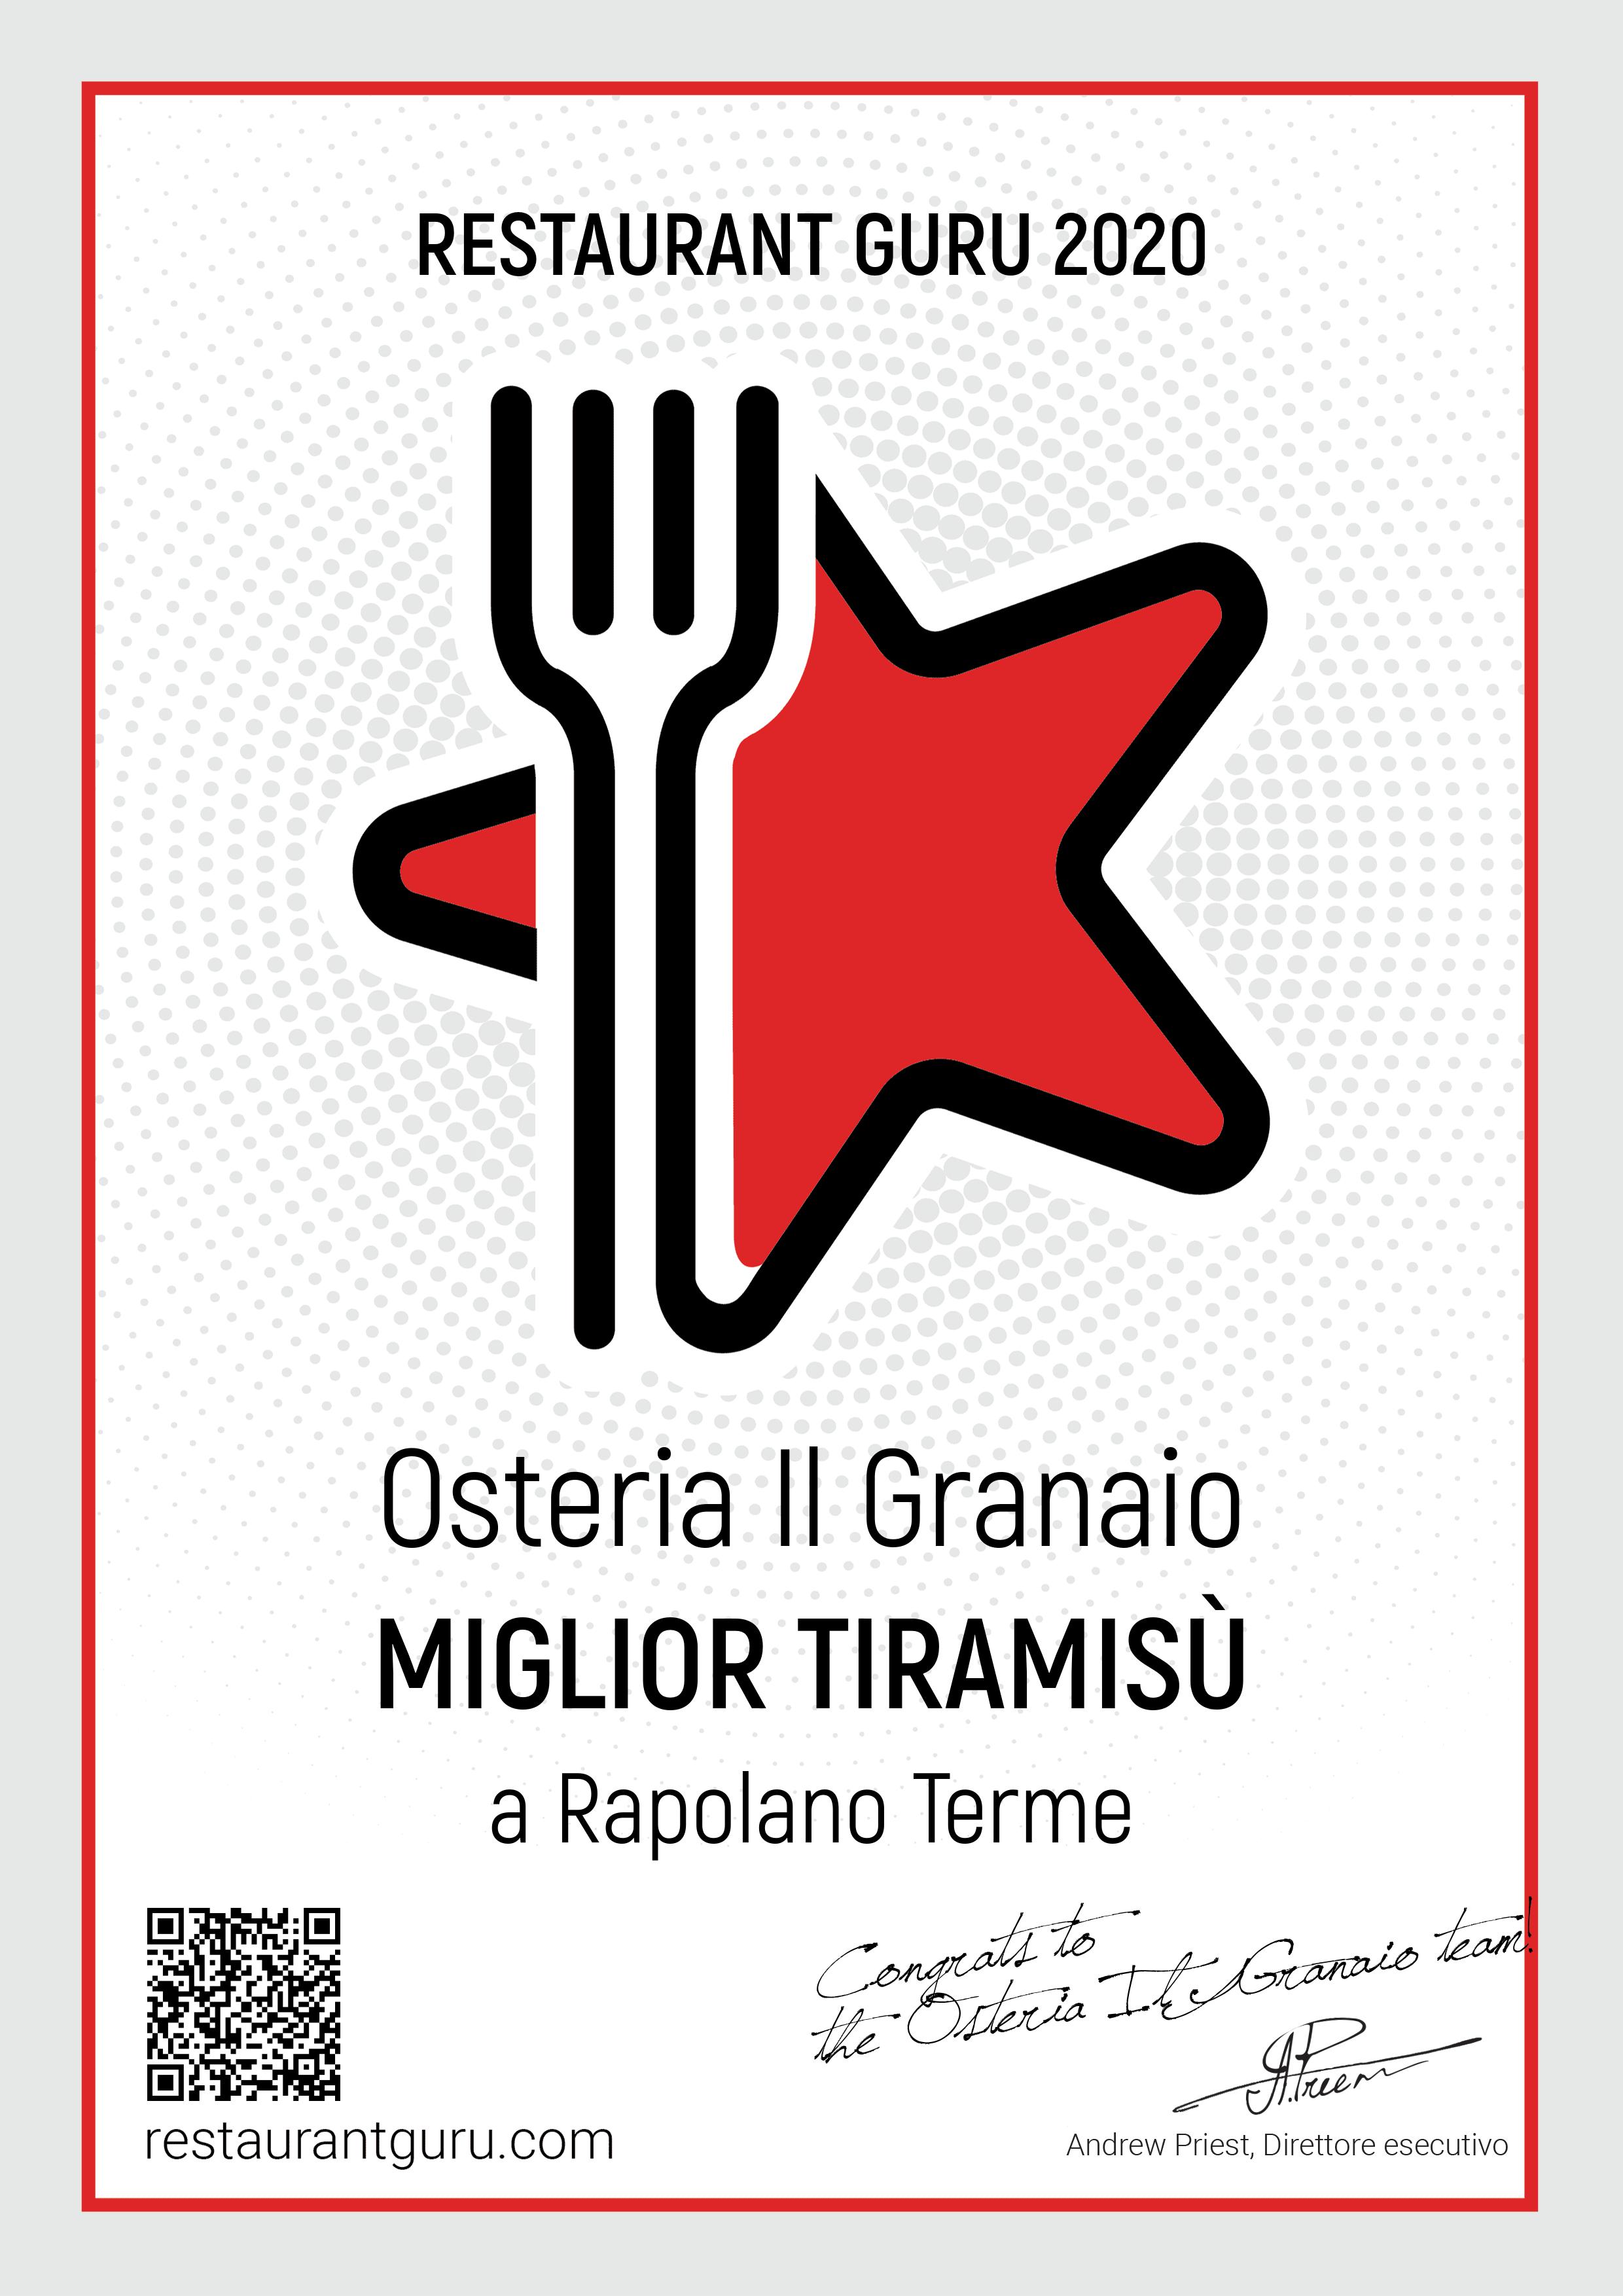 RestaurantGuru_Certificate-MigliorTiramisu